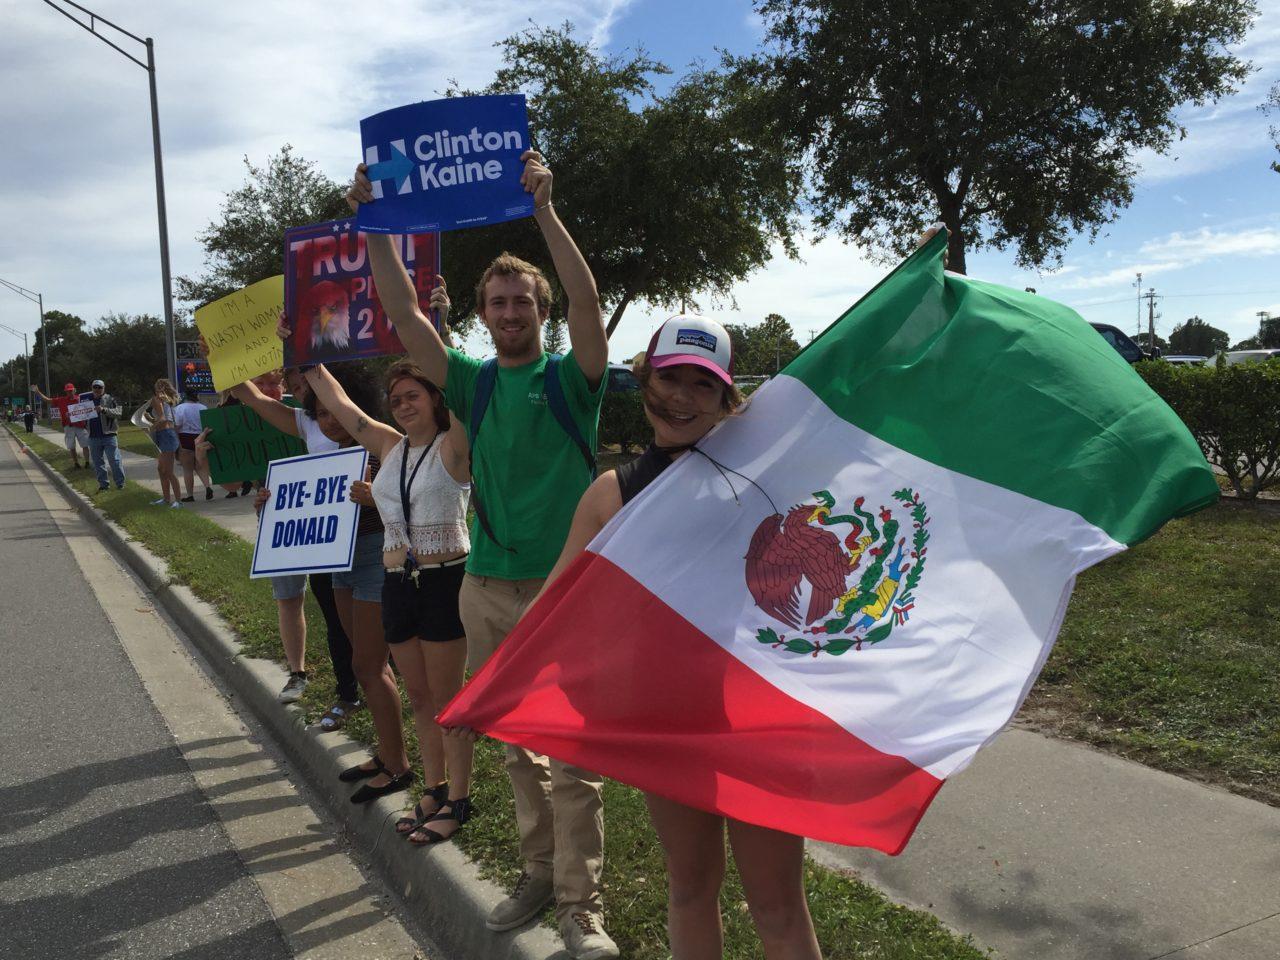 Trump Rally in Sarasota Florida (Joel Pollak / Breitbart News)